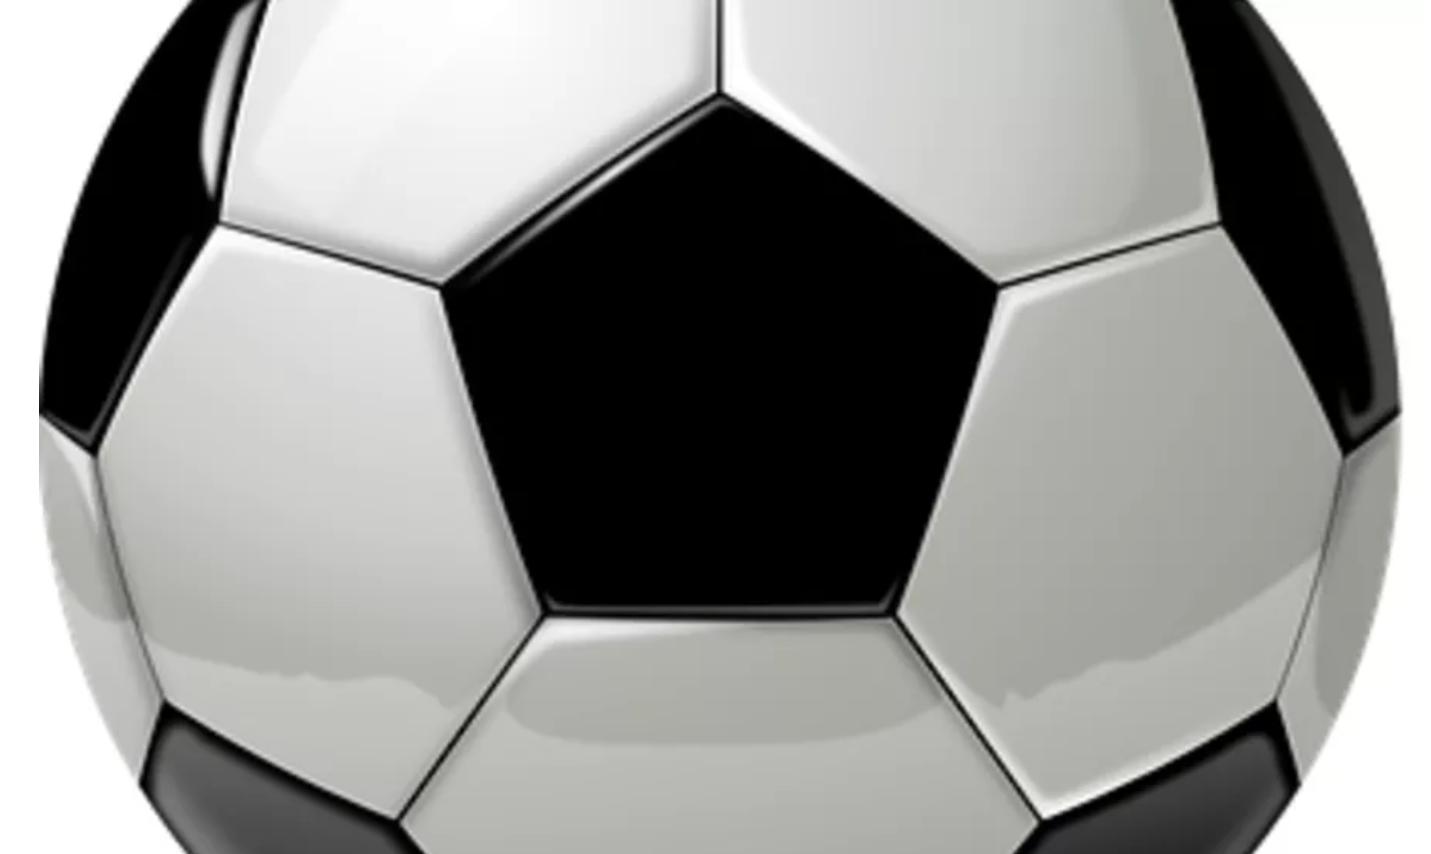 Geduld Jordania op de proef gesteld: besluit over overname FC Den Bosch opnieuw uitgesteld